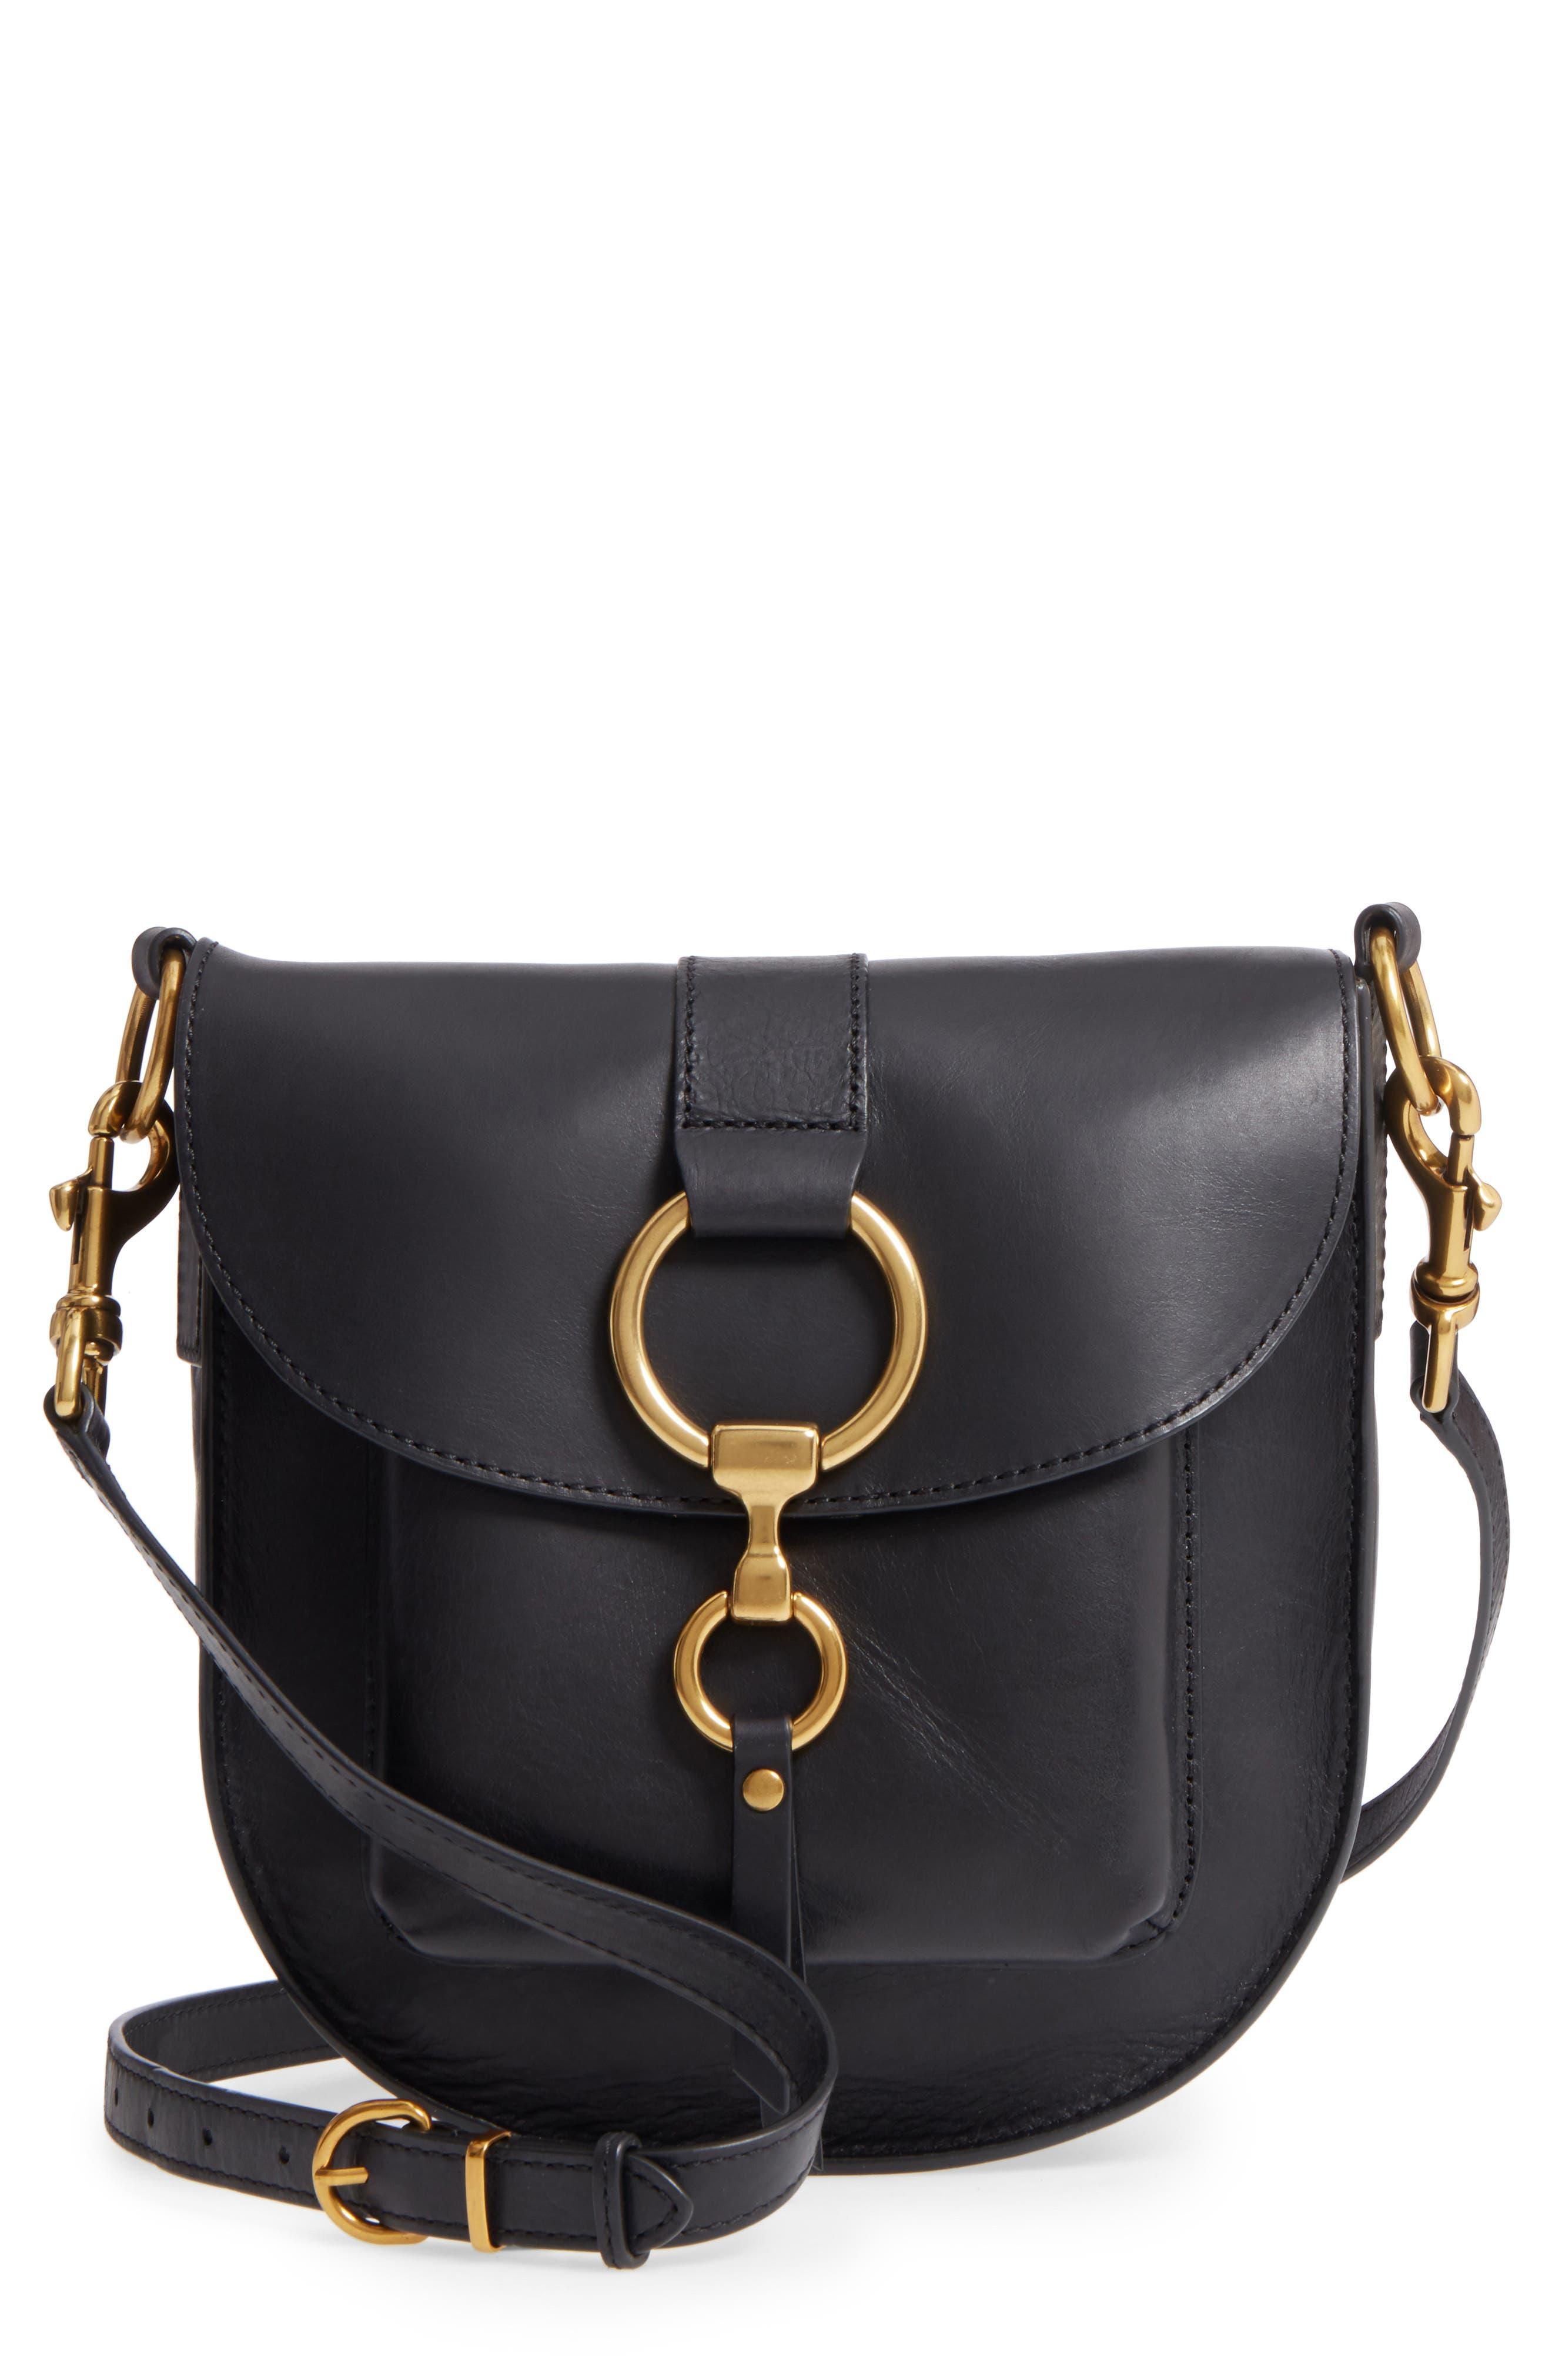 Ilana Leather Saddle Bag,                         Main,                         color, Black